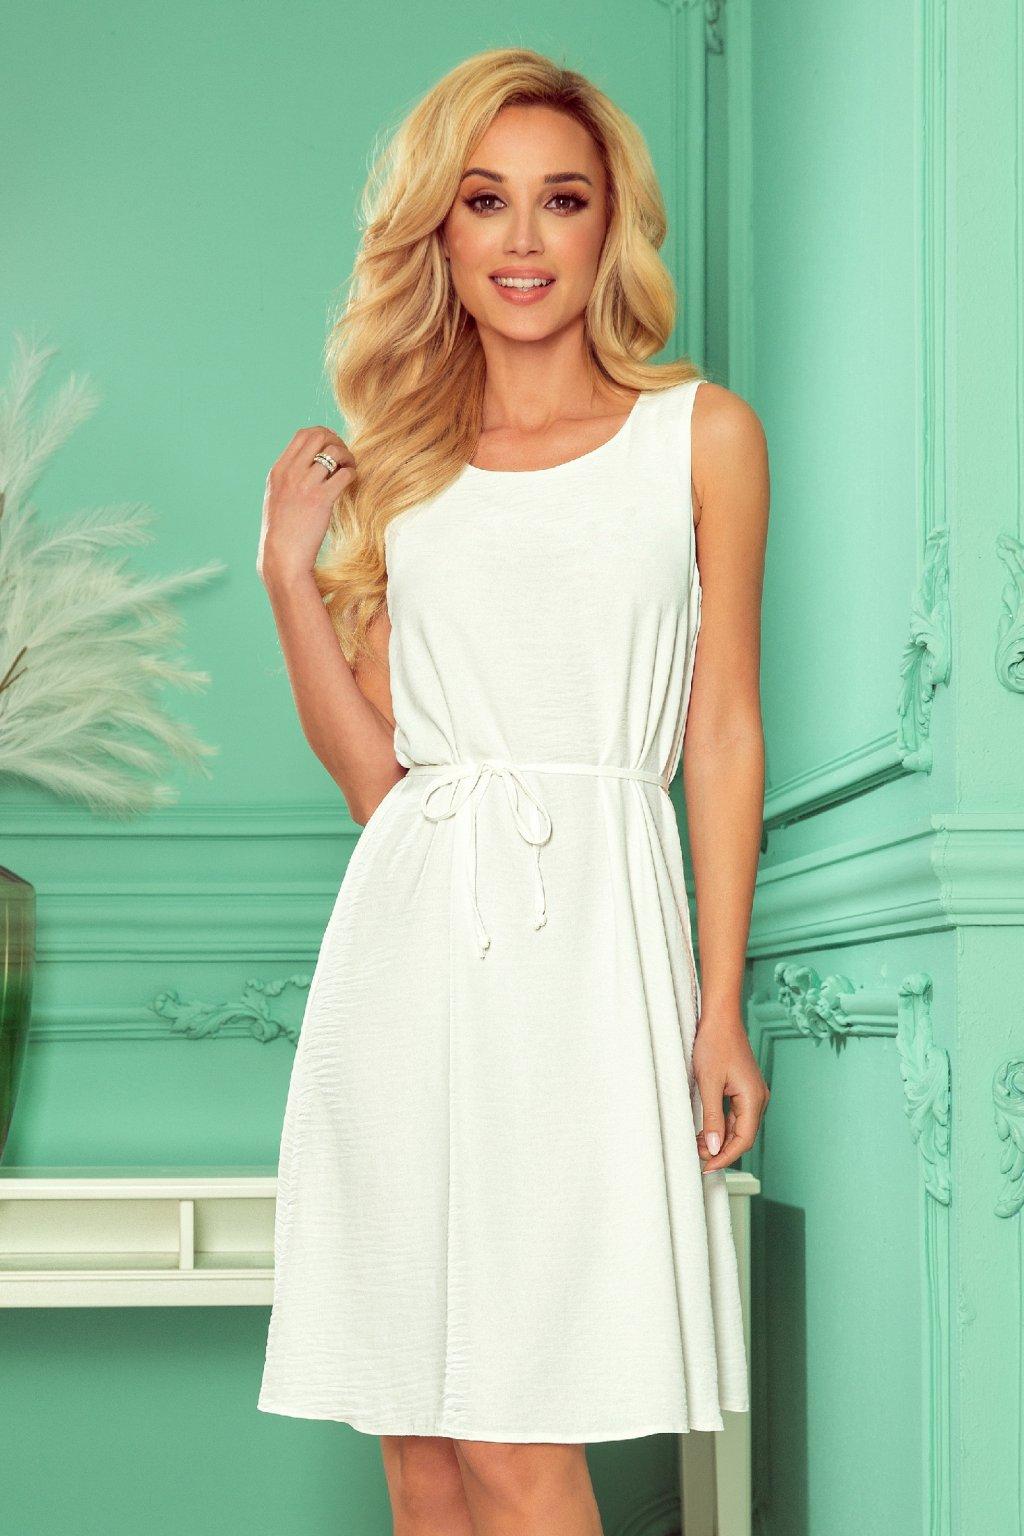 Biele krátke voľné šaty